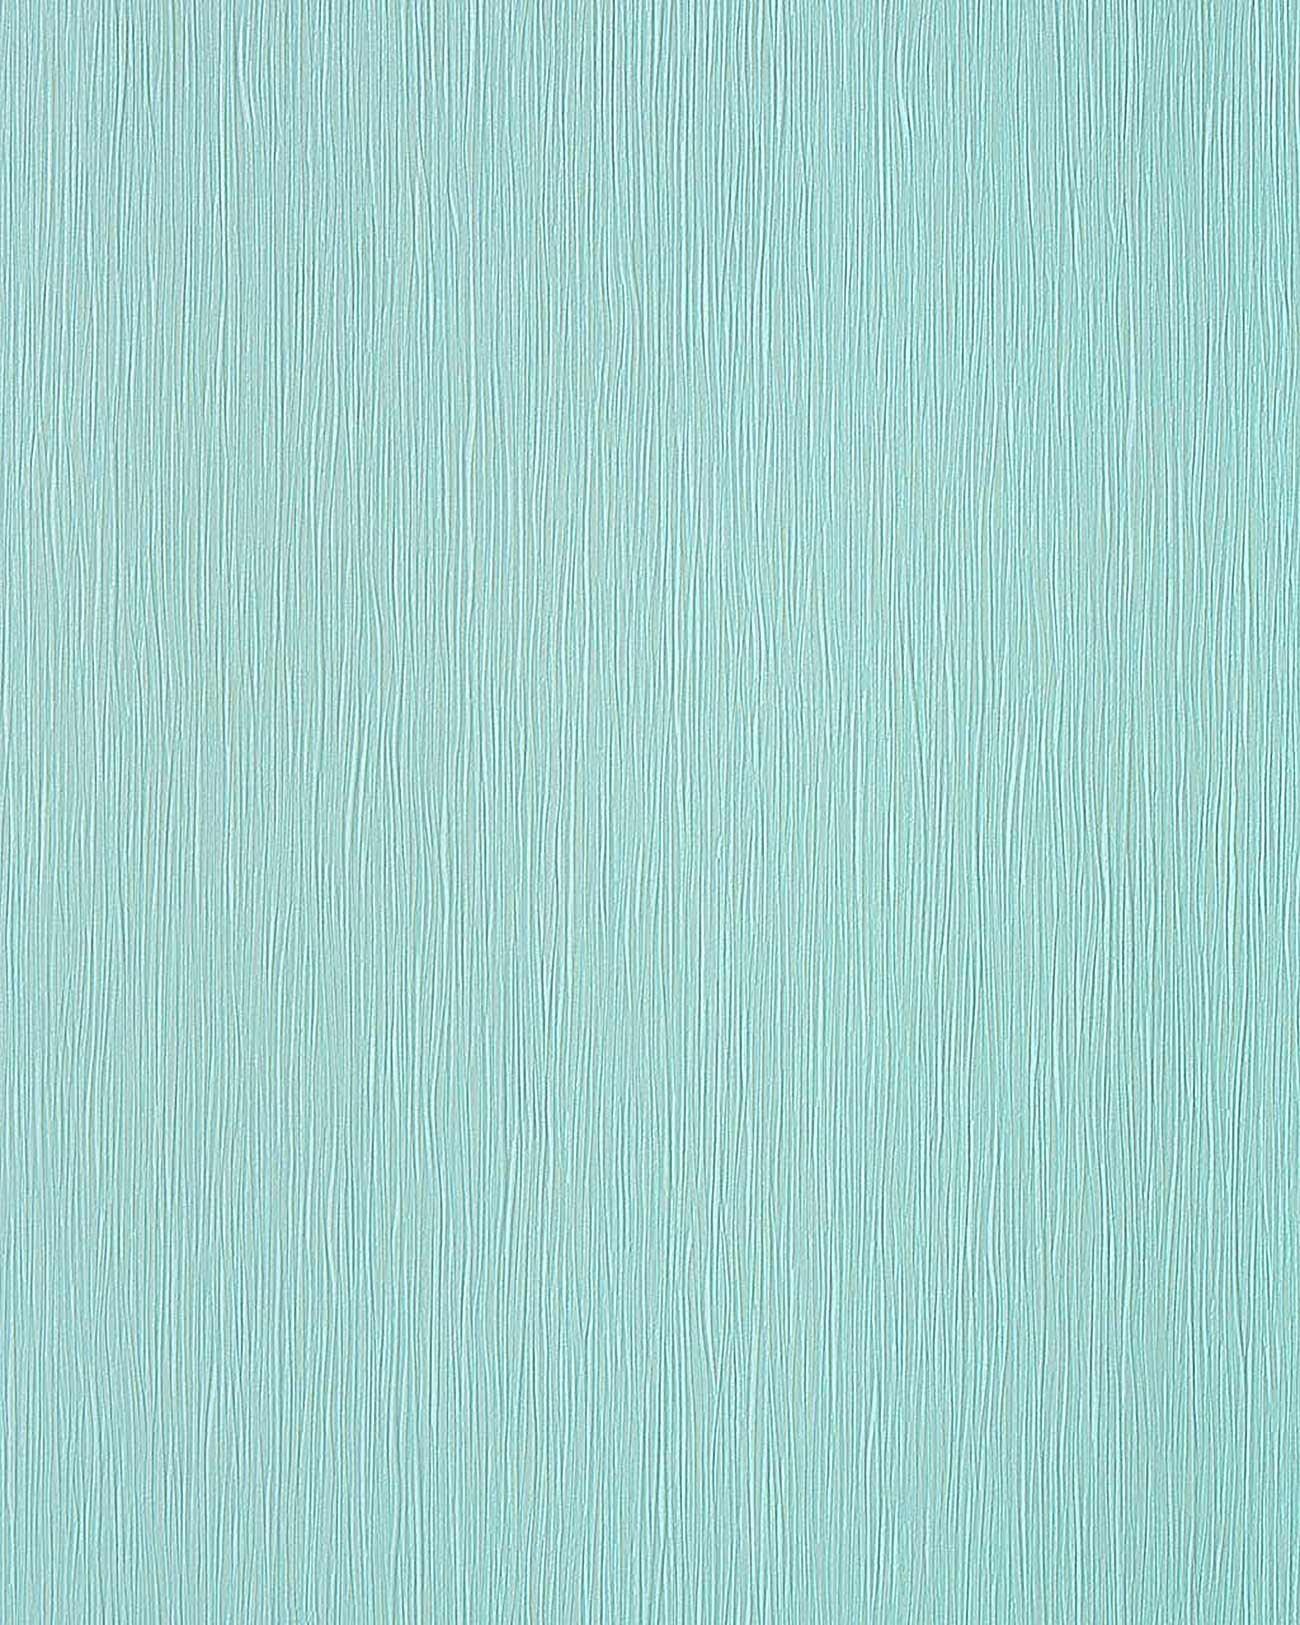 Unitapete EDEM 118-26 Tapete gestreift Vinyltapete gute Laune Farbe hell-türkis perlmutt